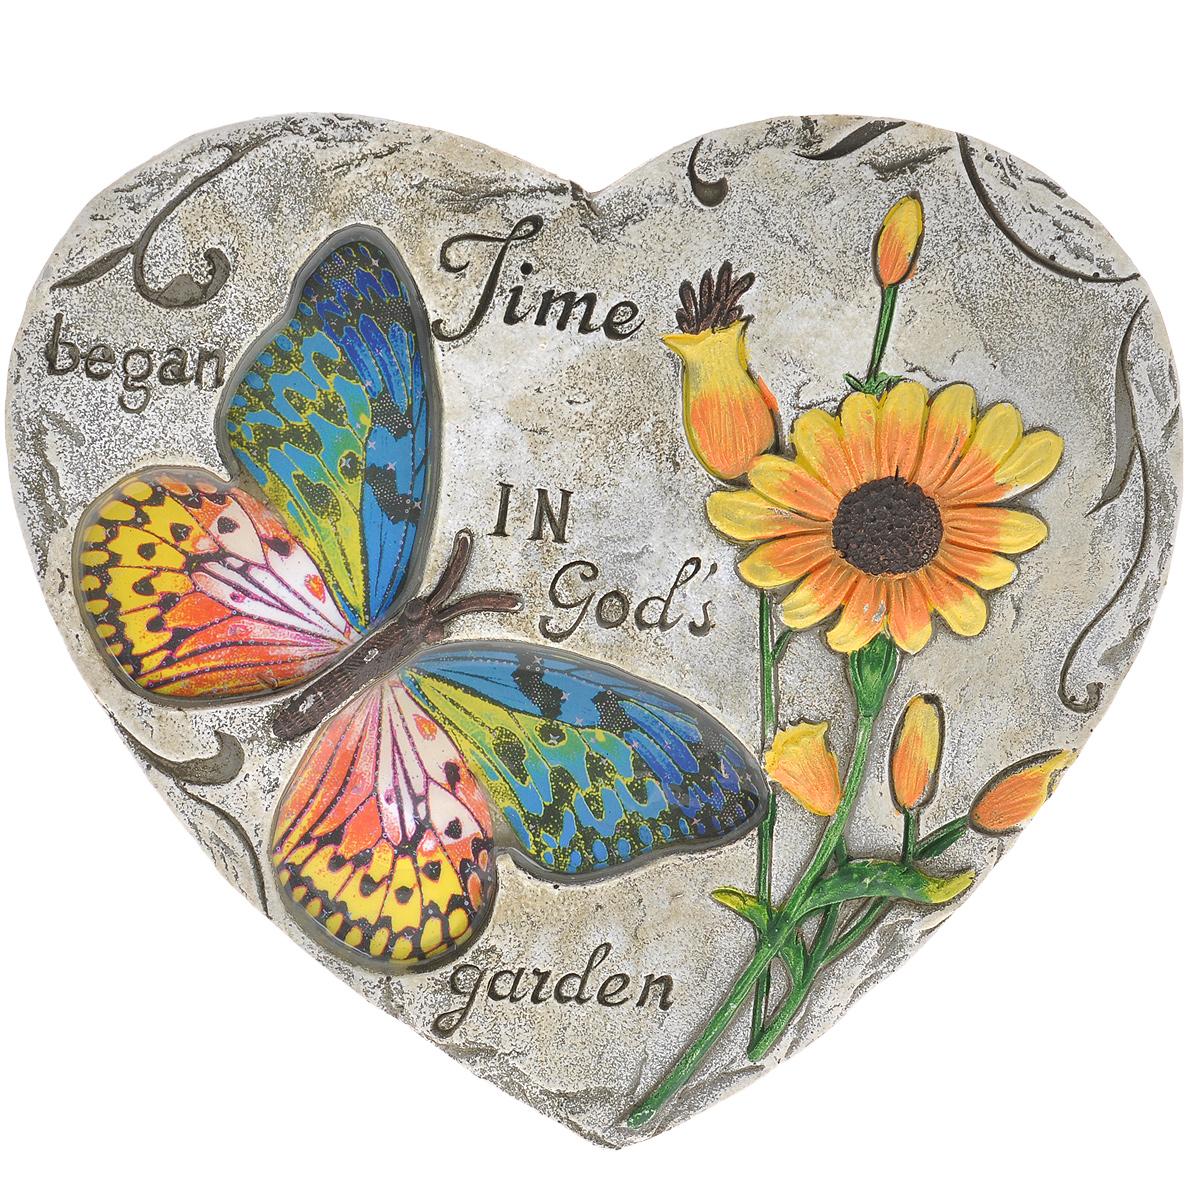 Декоративная фигурка Сердце, 25,5 см х 23 см х 2 см. 2833228332Декоративная фигурка Сердце прекрасно подойдет для украшения интерьера дома. Изделие выполнено из цемента в виде сердца и имеет шероховатую поверхность. Фигурка украшена изображением разноцветной бабочки, крылья которой покрыты эмалью, рельефом в виде подсолнухов и высеченной надписью Time began in Gods garden. Изящная фигурка станет прекрасным подарком, который обязательно порадует получателя.